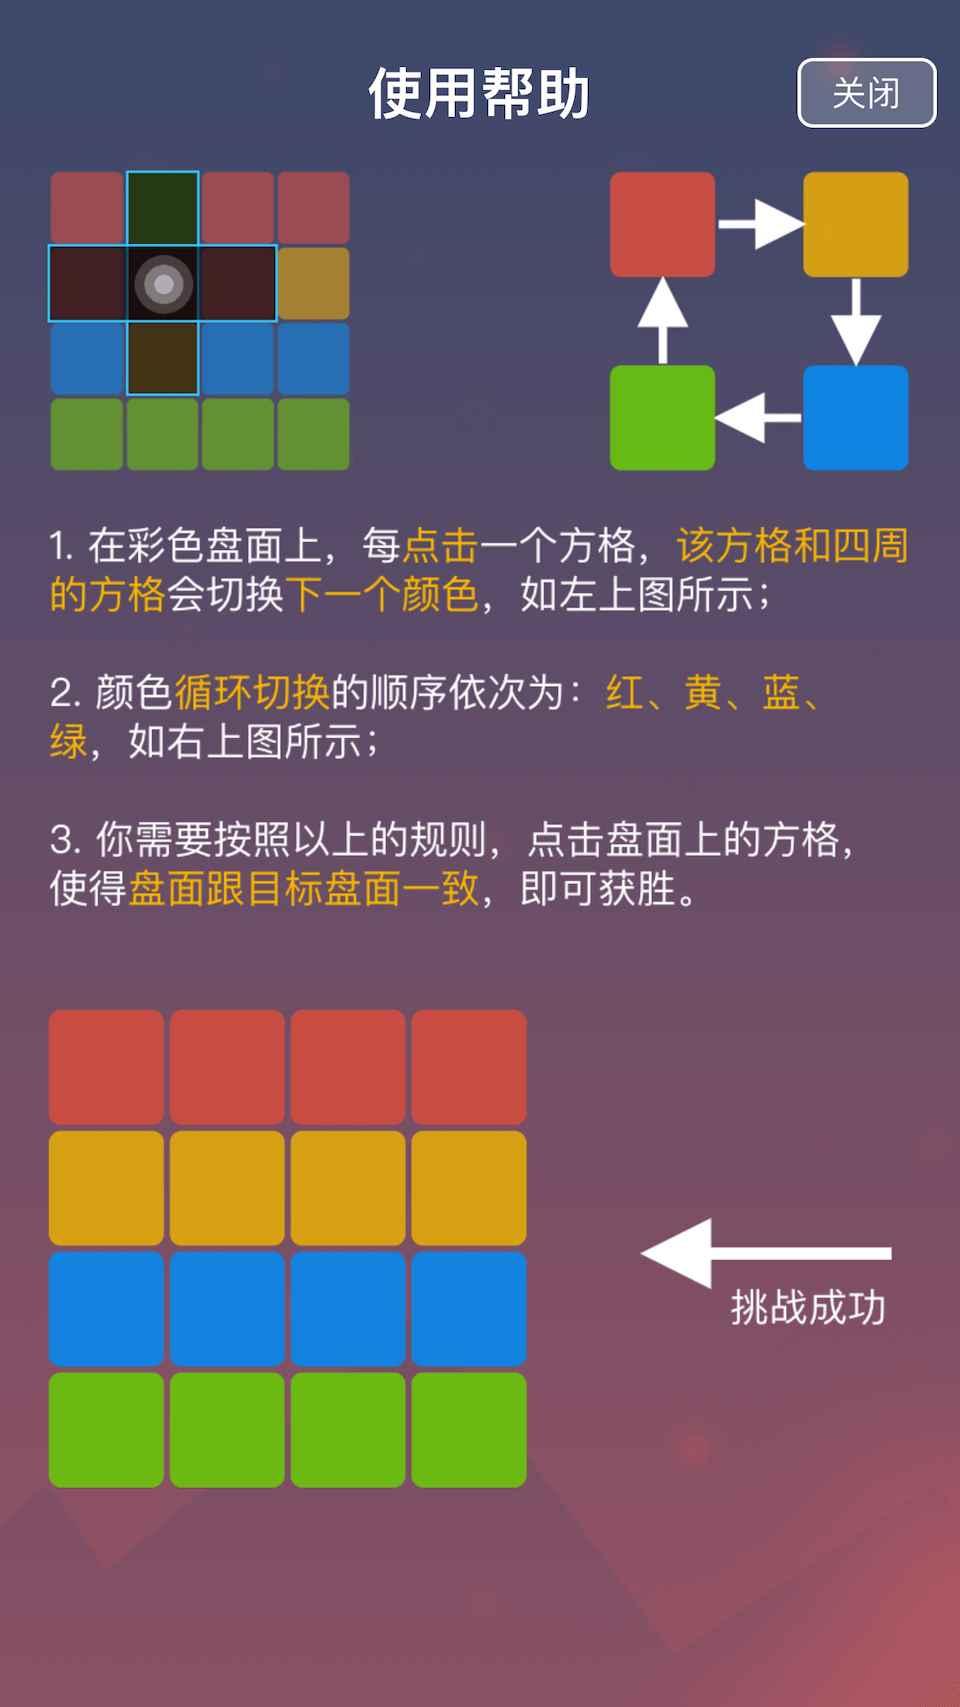 一触即发 - 四色迭代(测试版)截图4